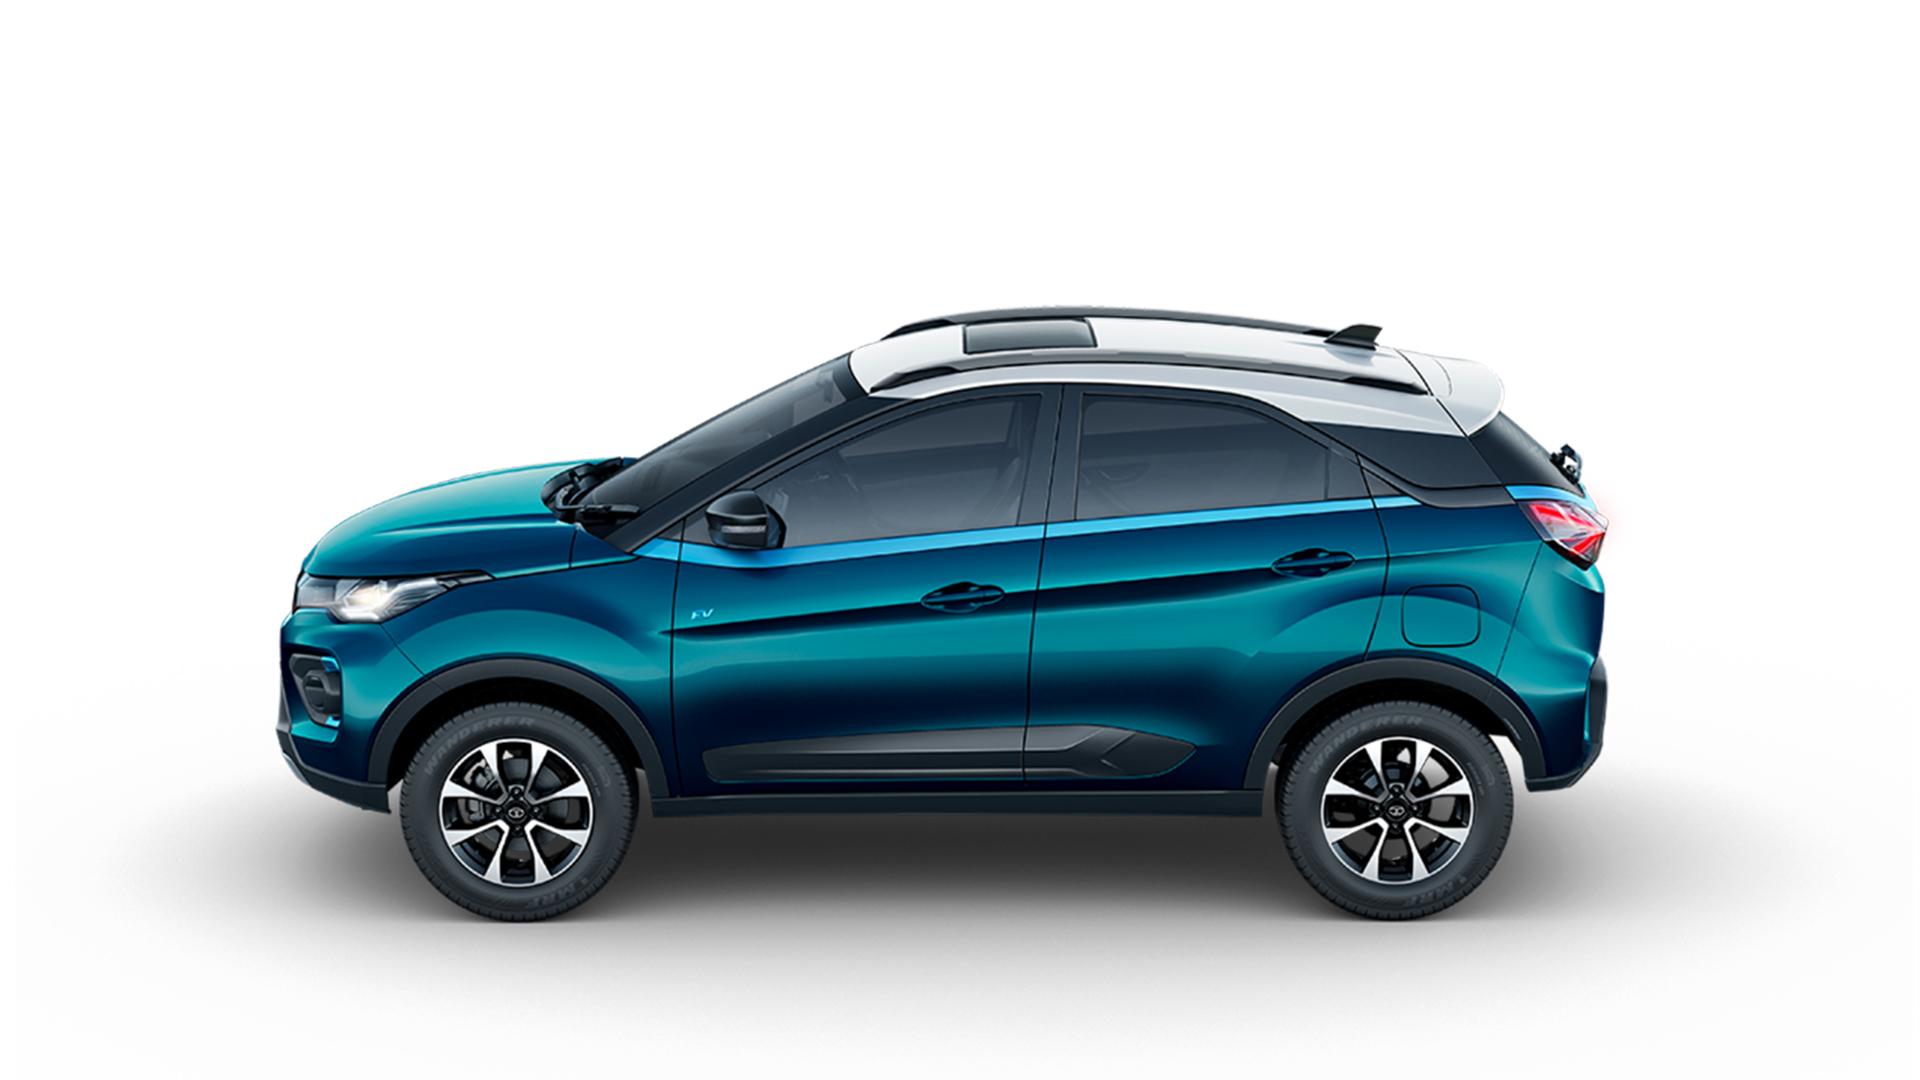 Tata Nexon EV 2020 XZ Plus Lux Exterior Car Photos - Overdrive